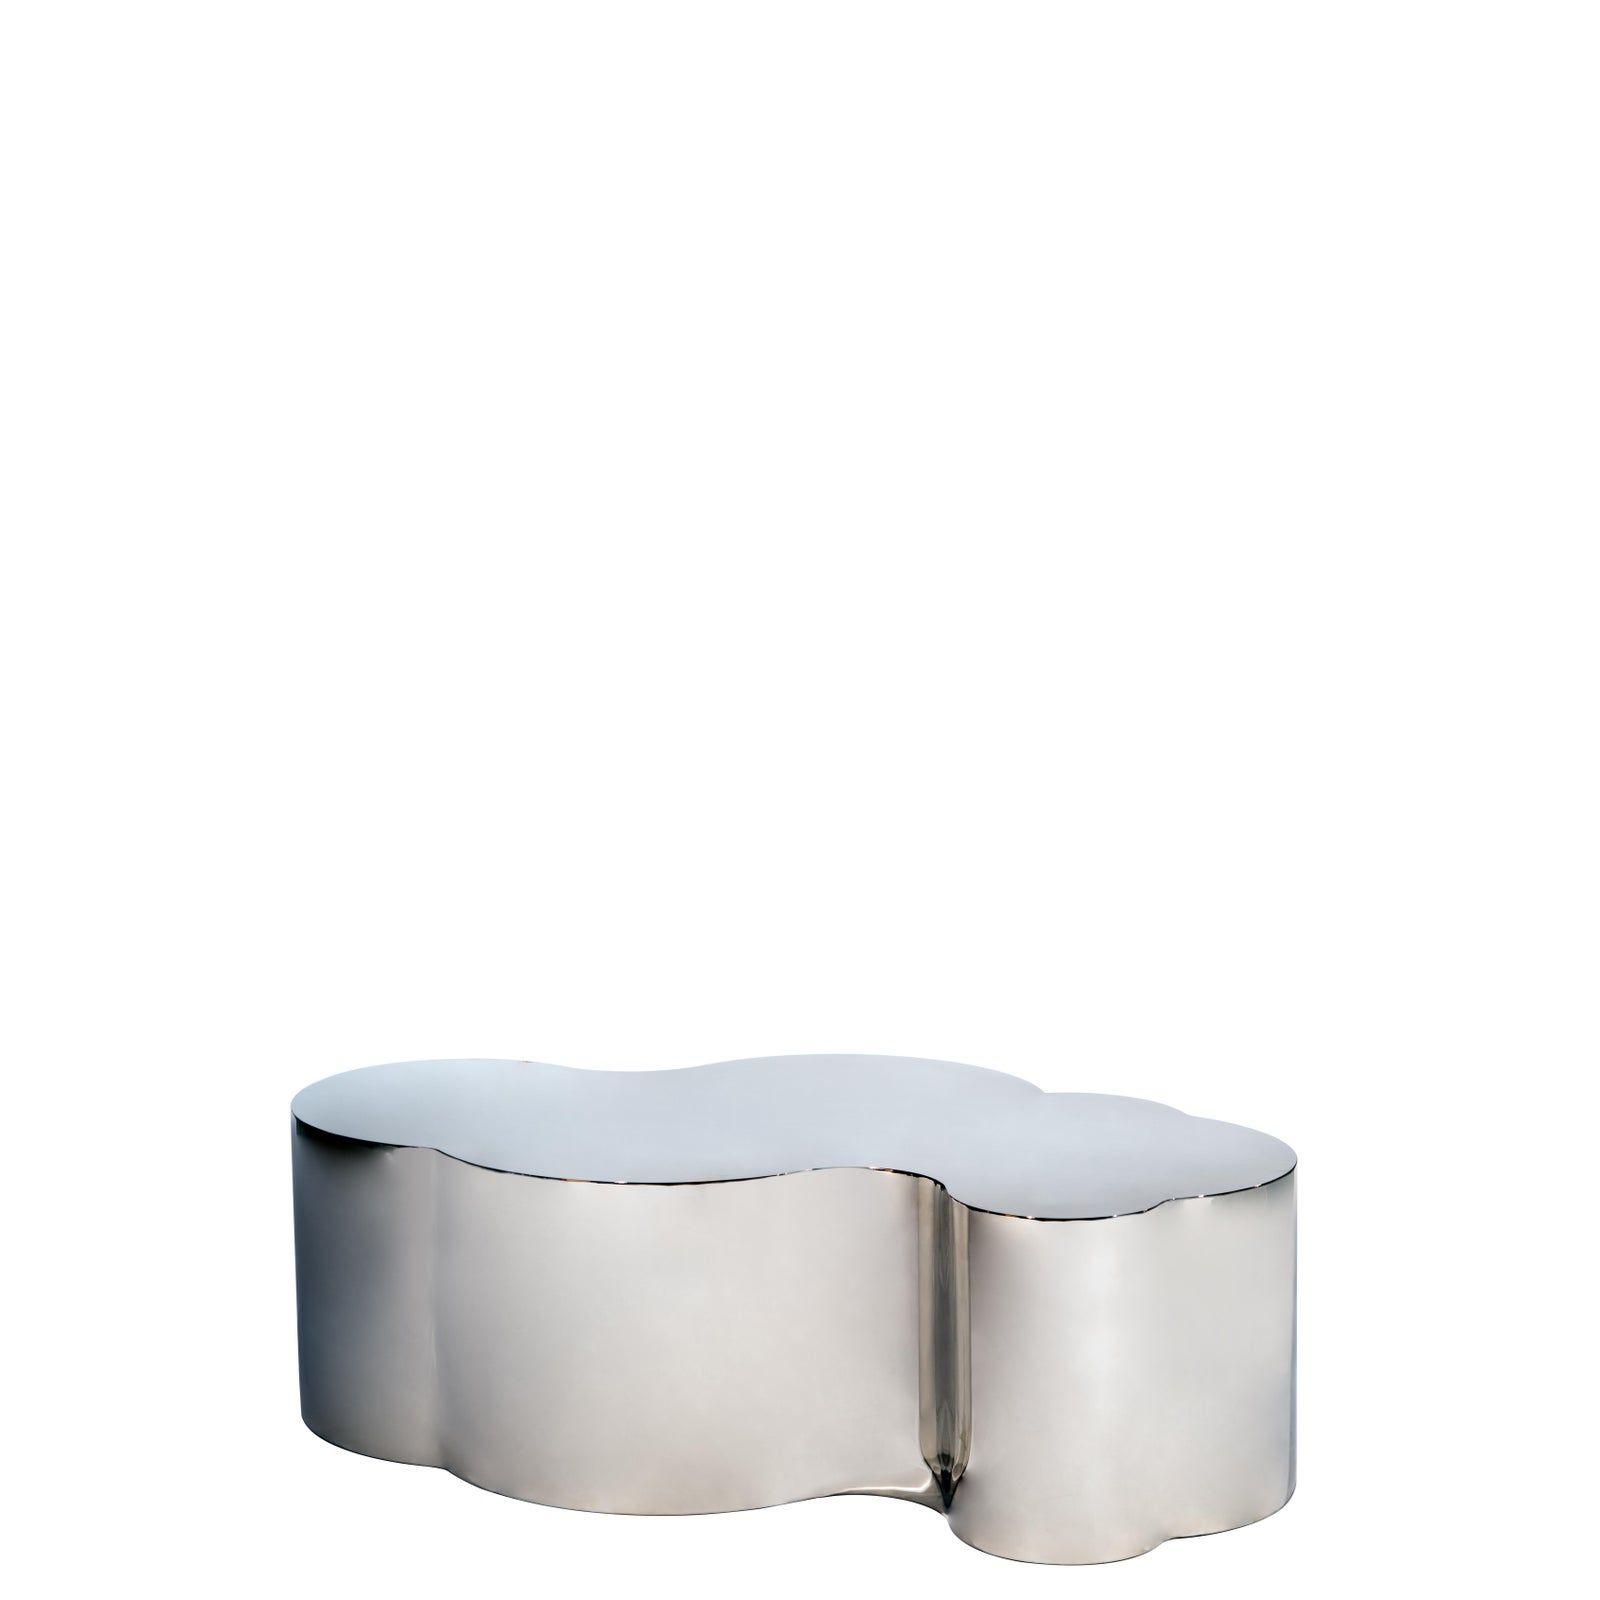 Modern Silver Luca Coffee Table Chairish Coffee Table Coffee Table Frame Everyday Essentials Products [ 1600 x 1600 Pixel ]